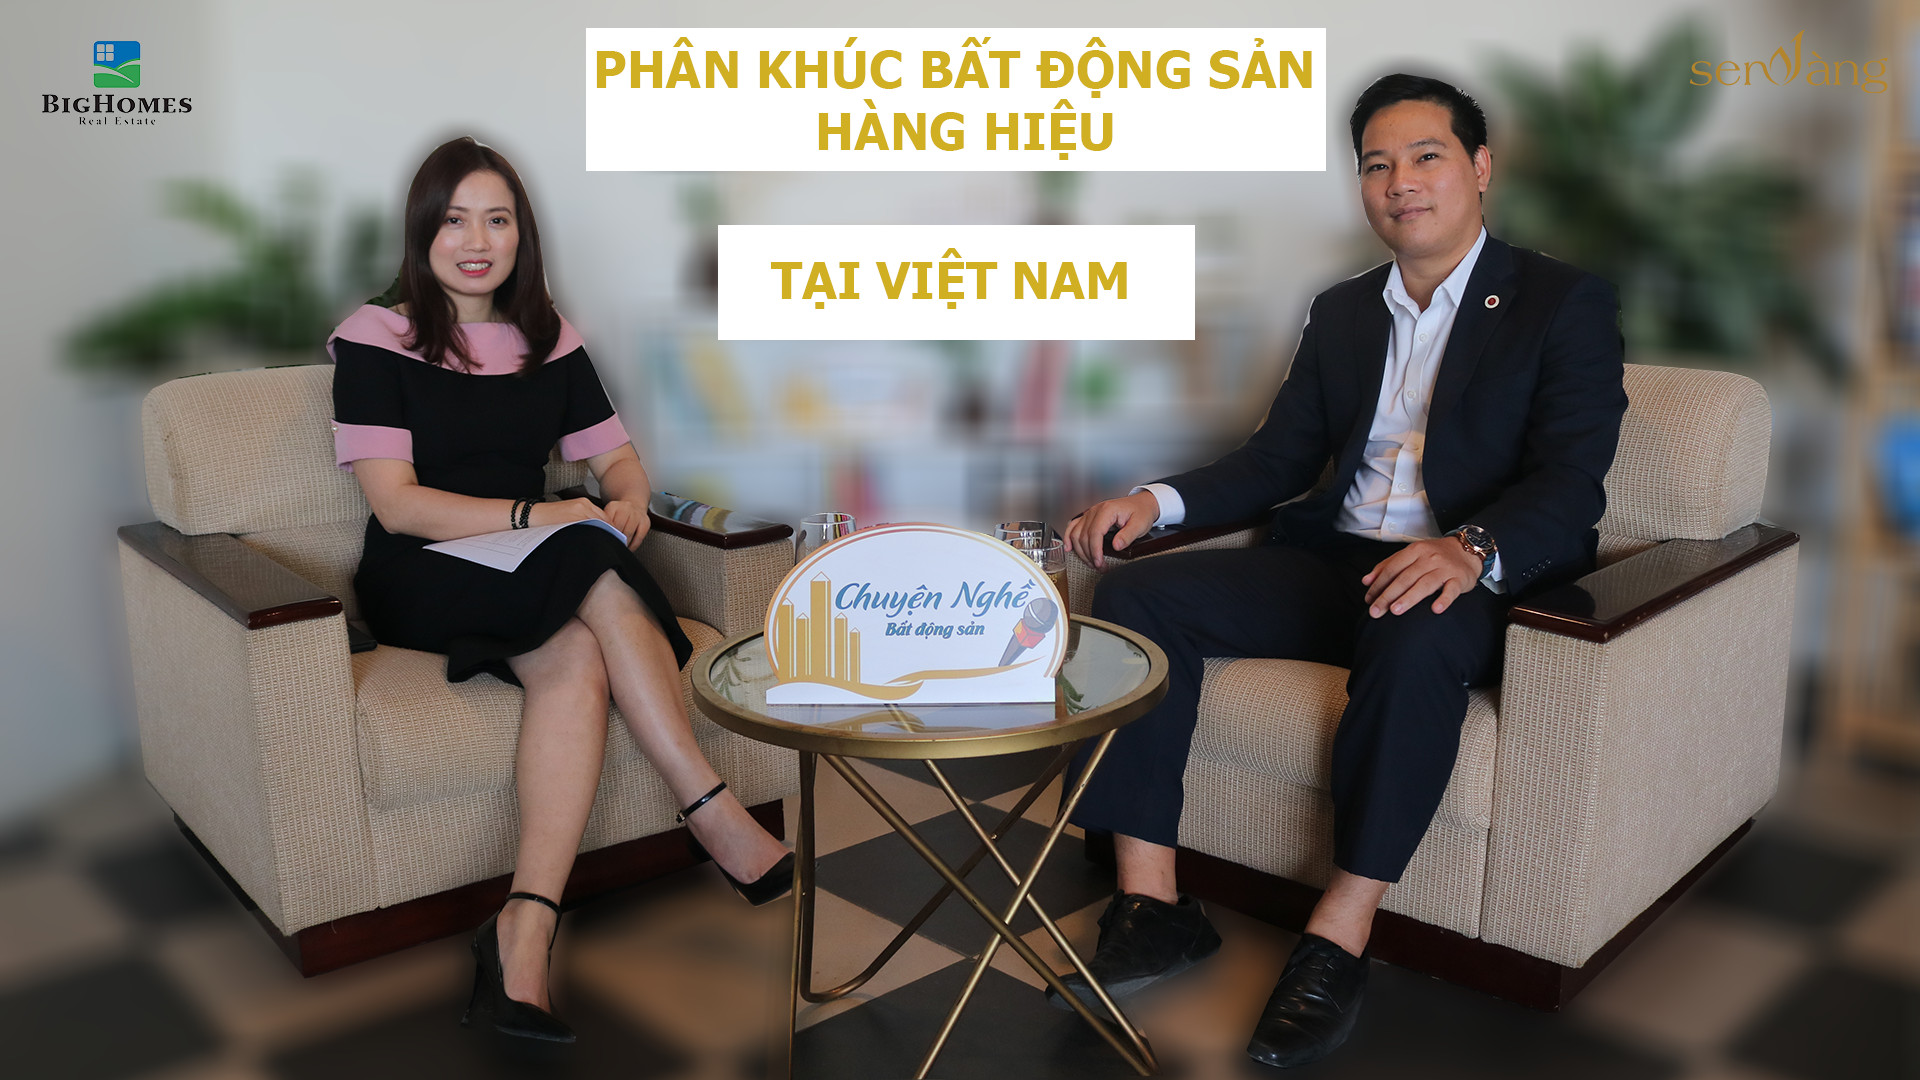 """Talkshow Chuyện nghề BĐS số 15 với chủ đề """"Phân khúc Bất động sản hàng hiệu tại Việt Nam"""""""